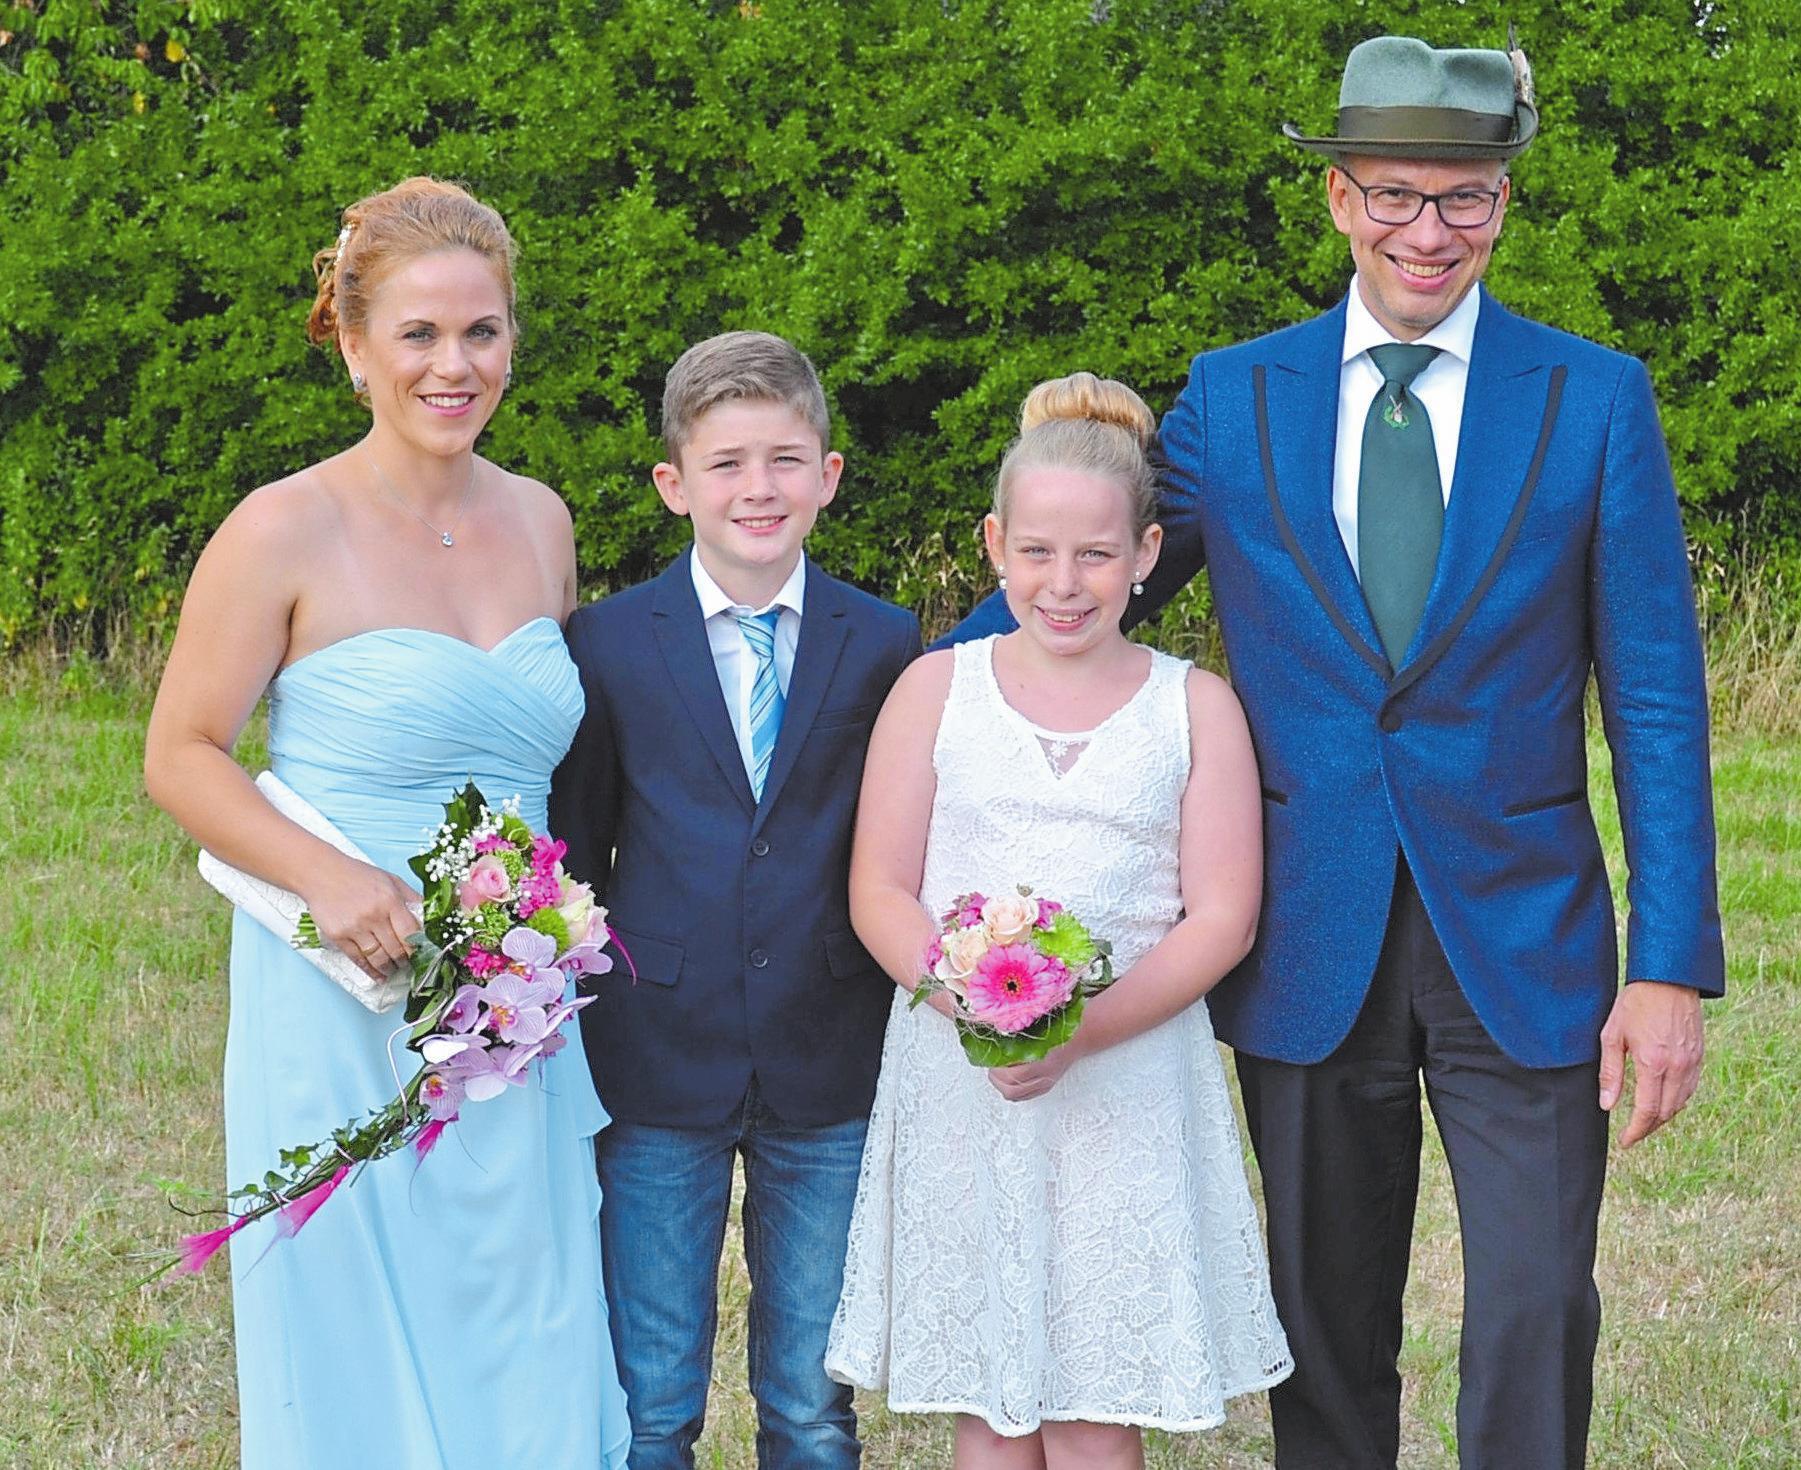 Freuen sich auf ein buntes Festwochenende: das Königspaar, Torsten und Tabea Sandkühler, sowie das Kinderkönigspaar, Lukas Möllers und Jule Schweins. Foto: -bim